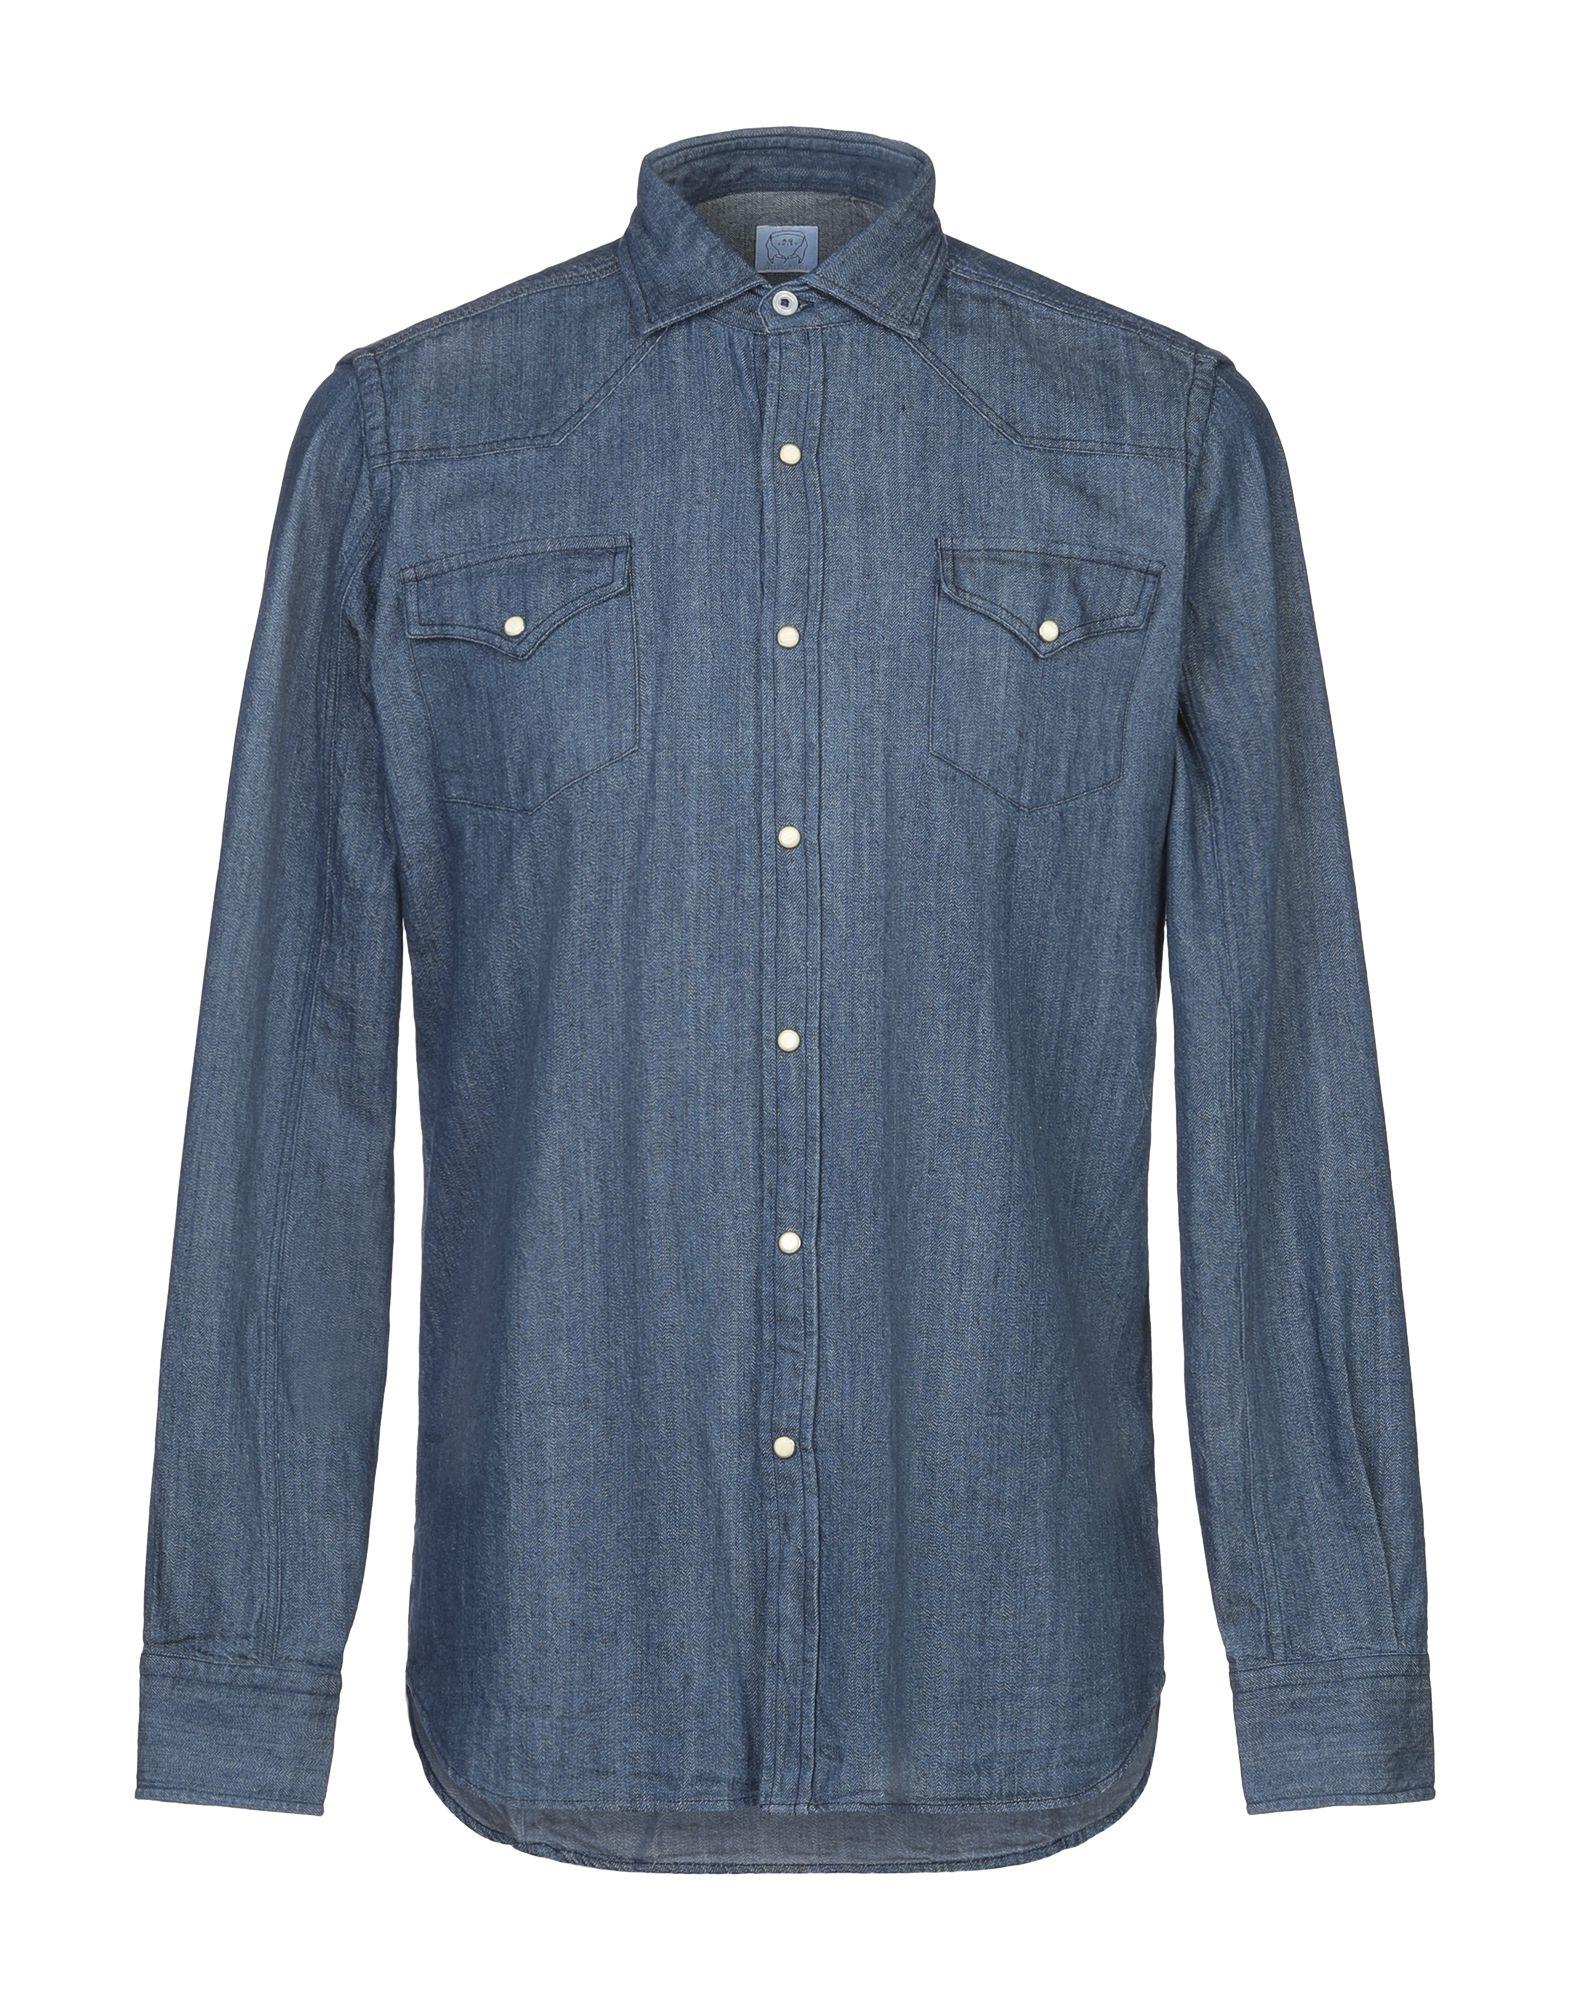 Фото - ALESSANDRO GHERARDI Джинсовая рубашка сумка alessandro birutti alessandro birutti mp002xw18vzn